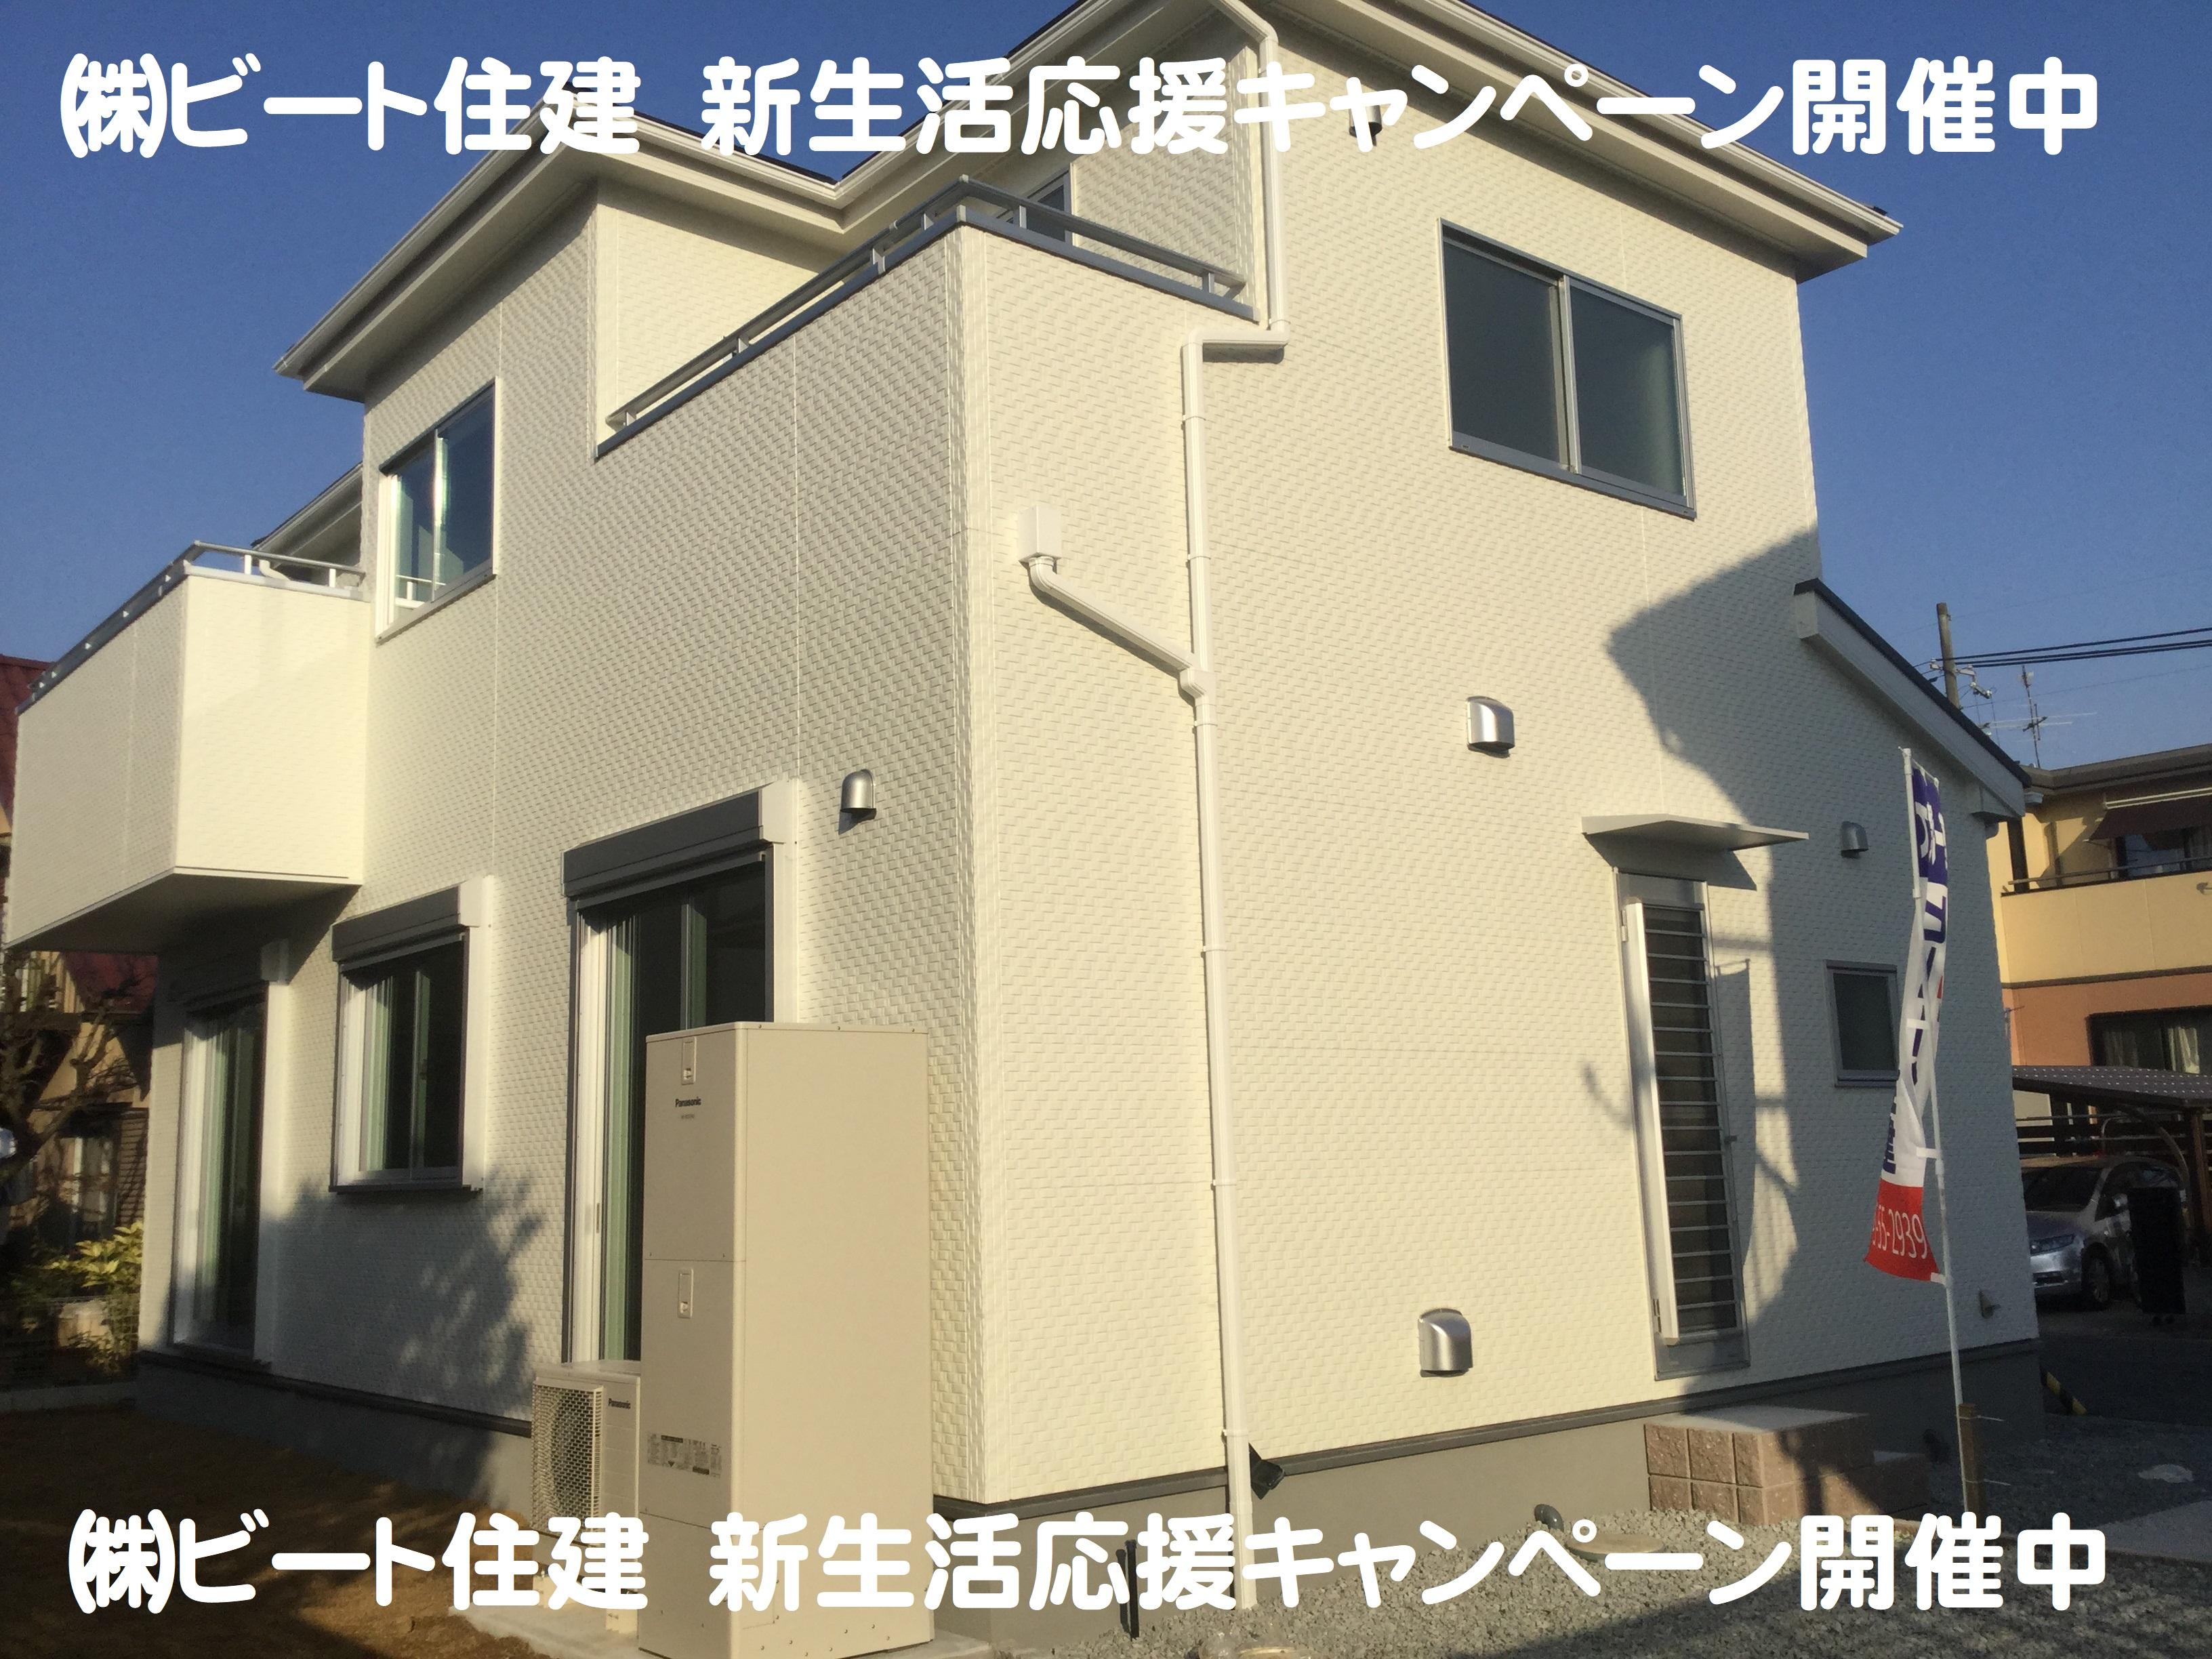 奈良県 新築 天理市 庵冶町 新築 お買い得 おすすめ 新築